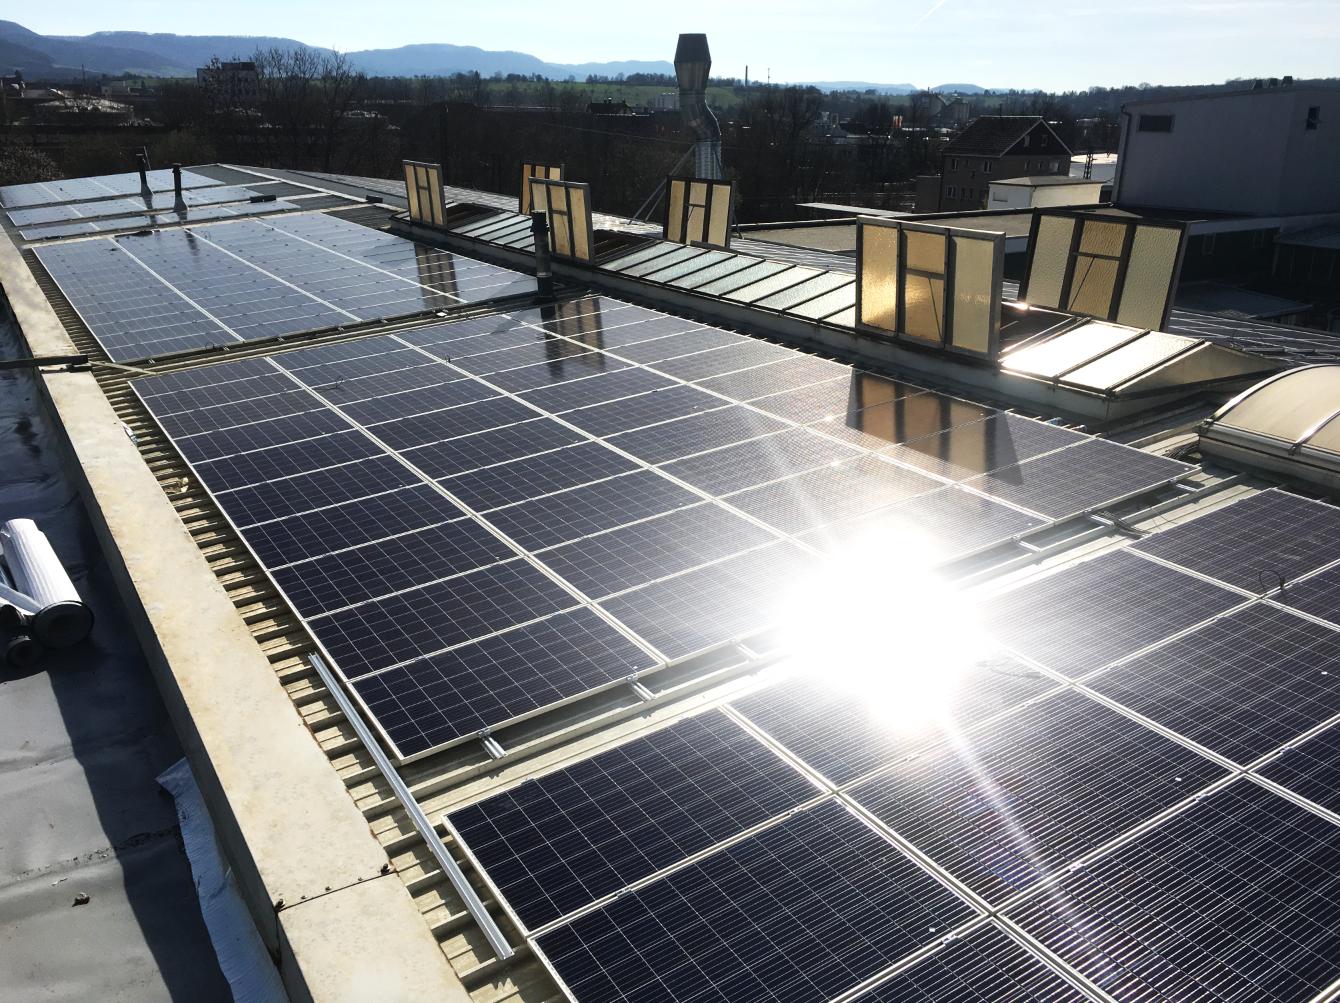 PV Anlagen, Solaranlagen, Photovoltaikanlagen in der Region Nürtingen, Esslingen